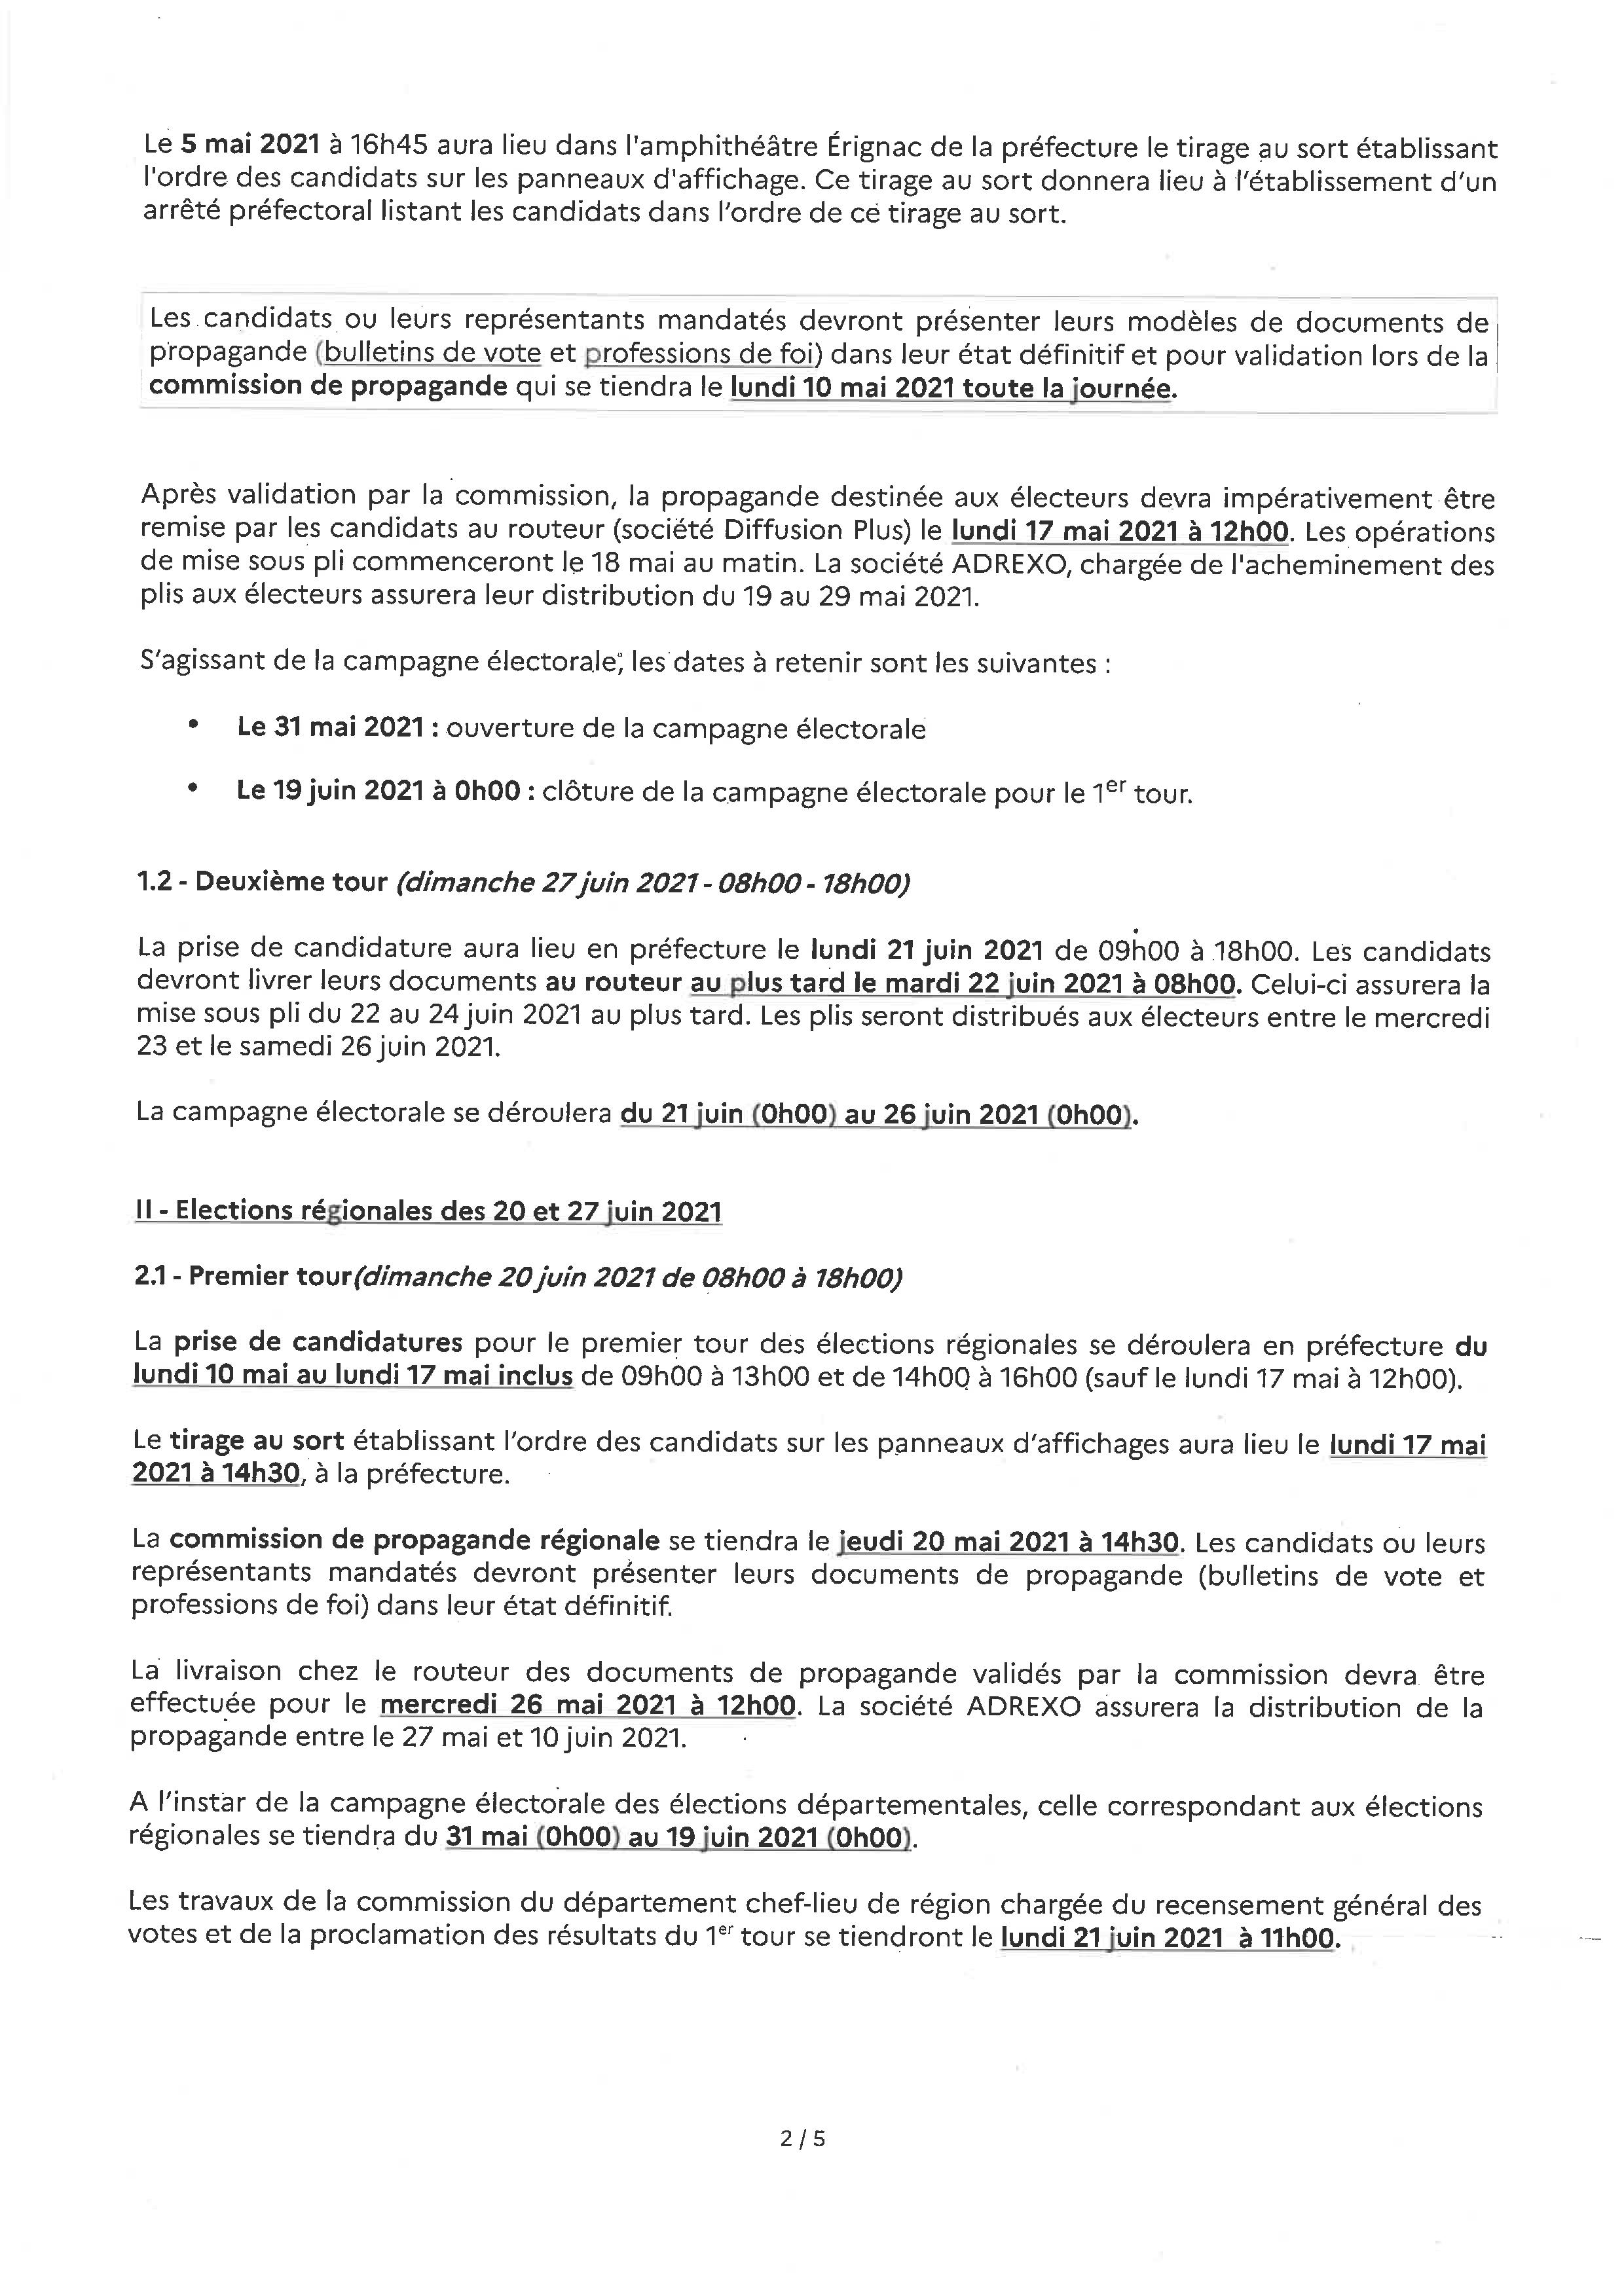 21 05 04 Circulaire préfet - Elections départementales et régionales 2021-1.png